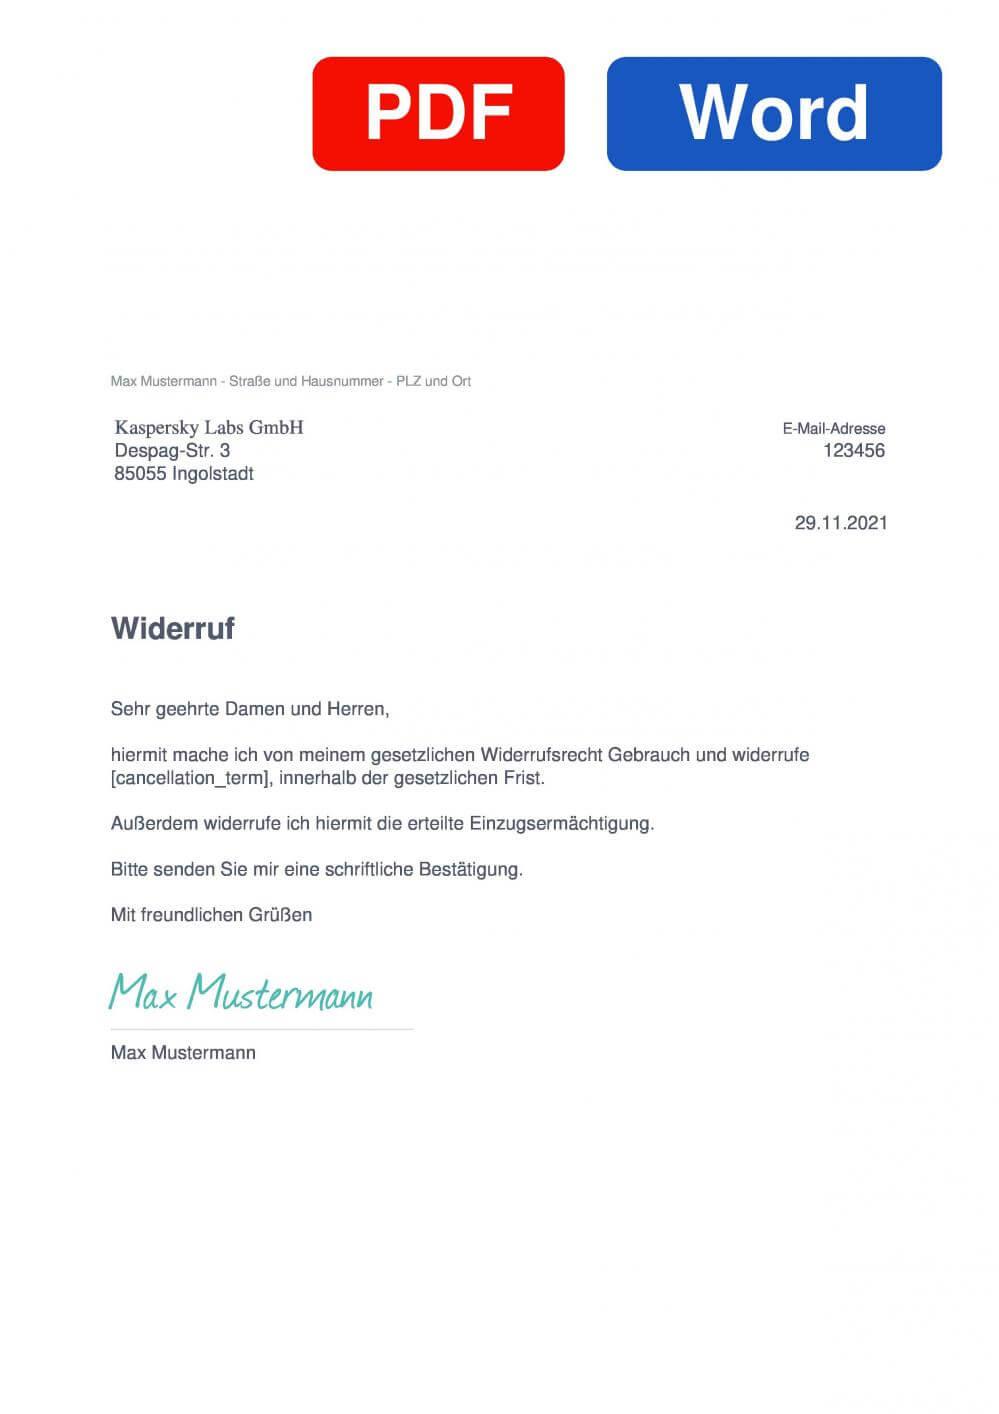 Kaspersky Muster Vorlage für Wiederrufsschreiben